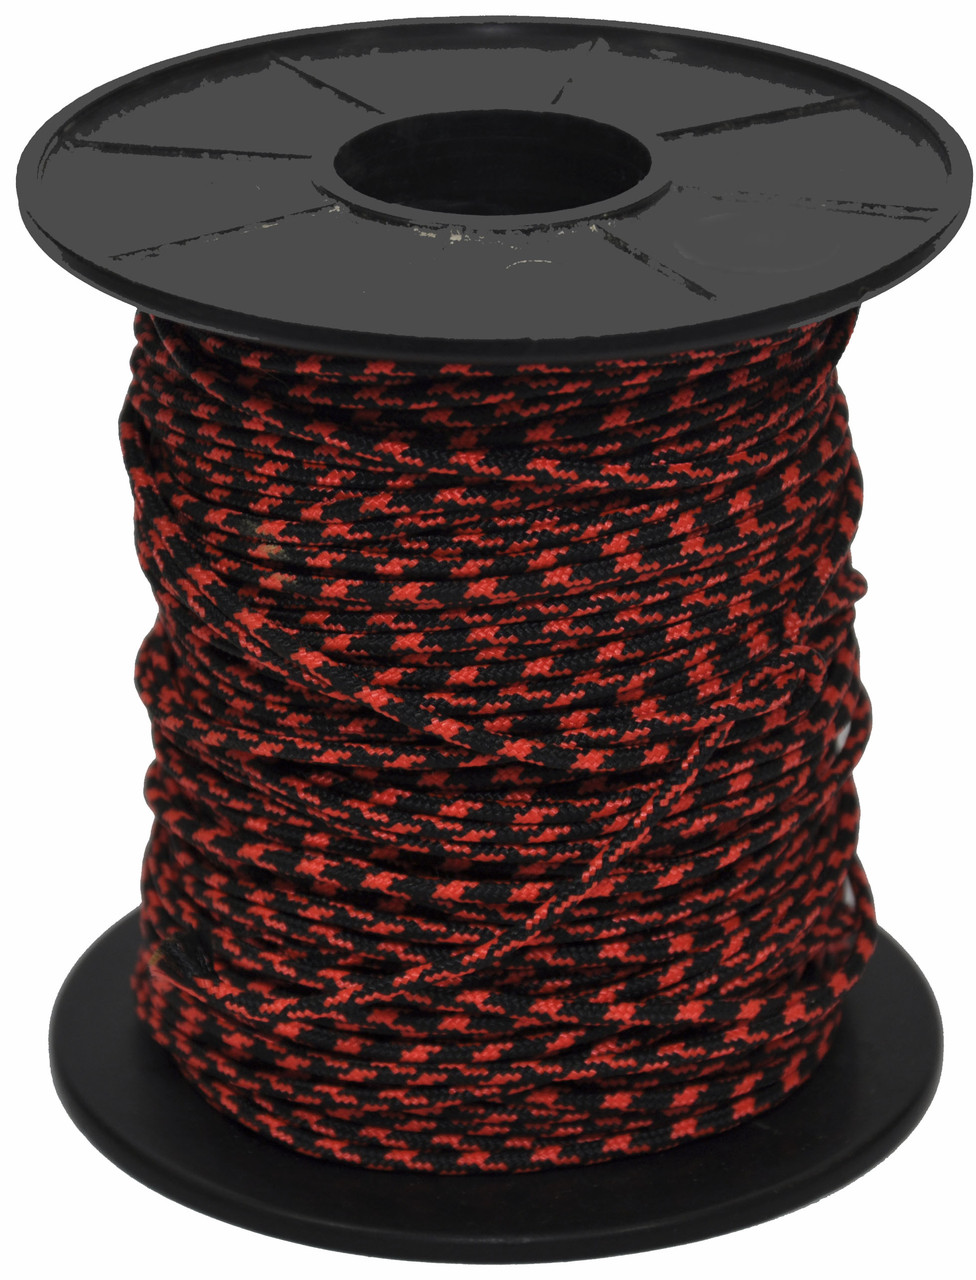 Веревка шнур с кивларом 2 мм плетеная ТМ Крокус - ГрадусОК в Харькове